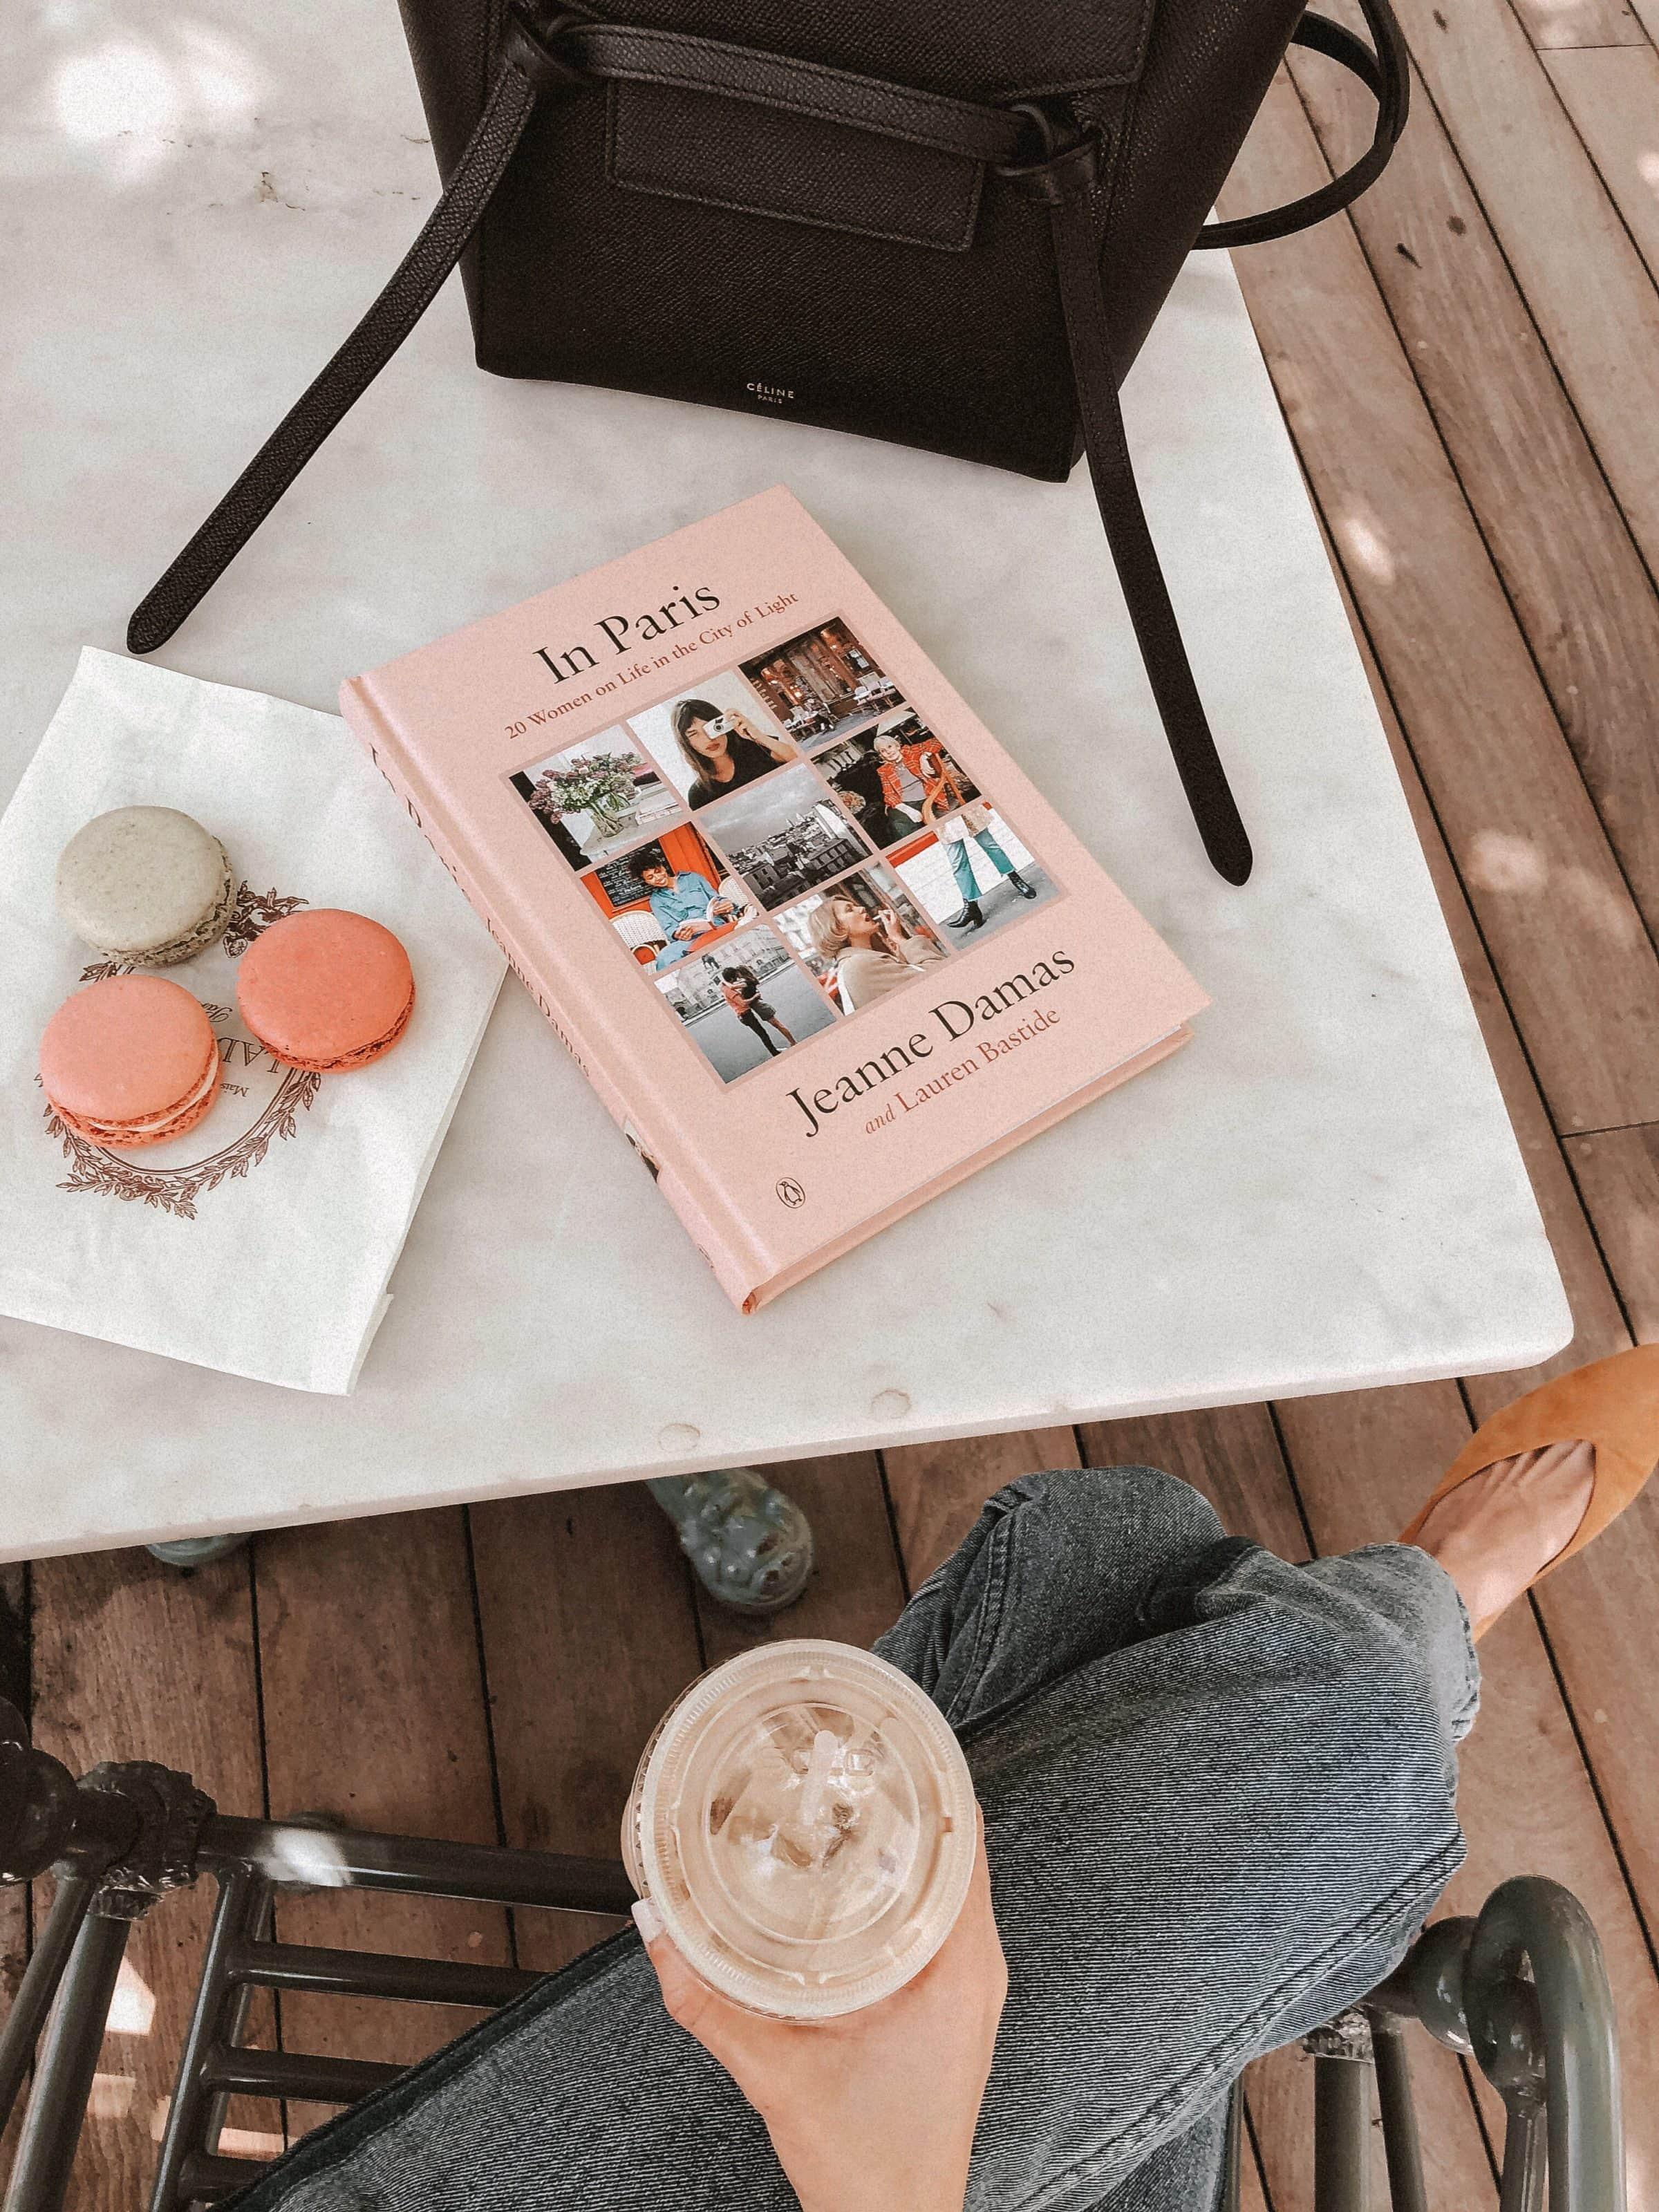 In Paris Book with Laduree Macaroons and Celine Belt Bag